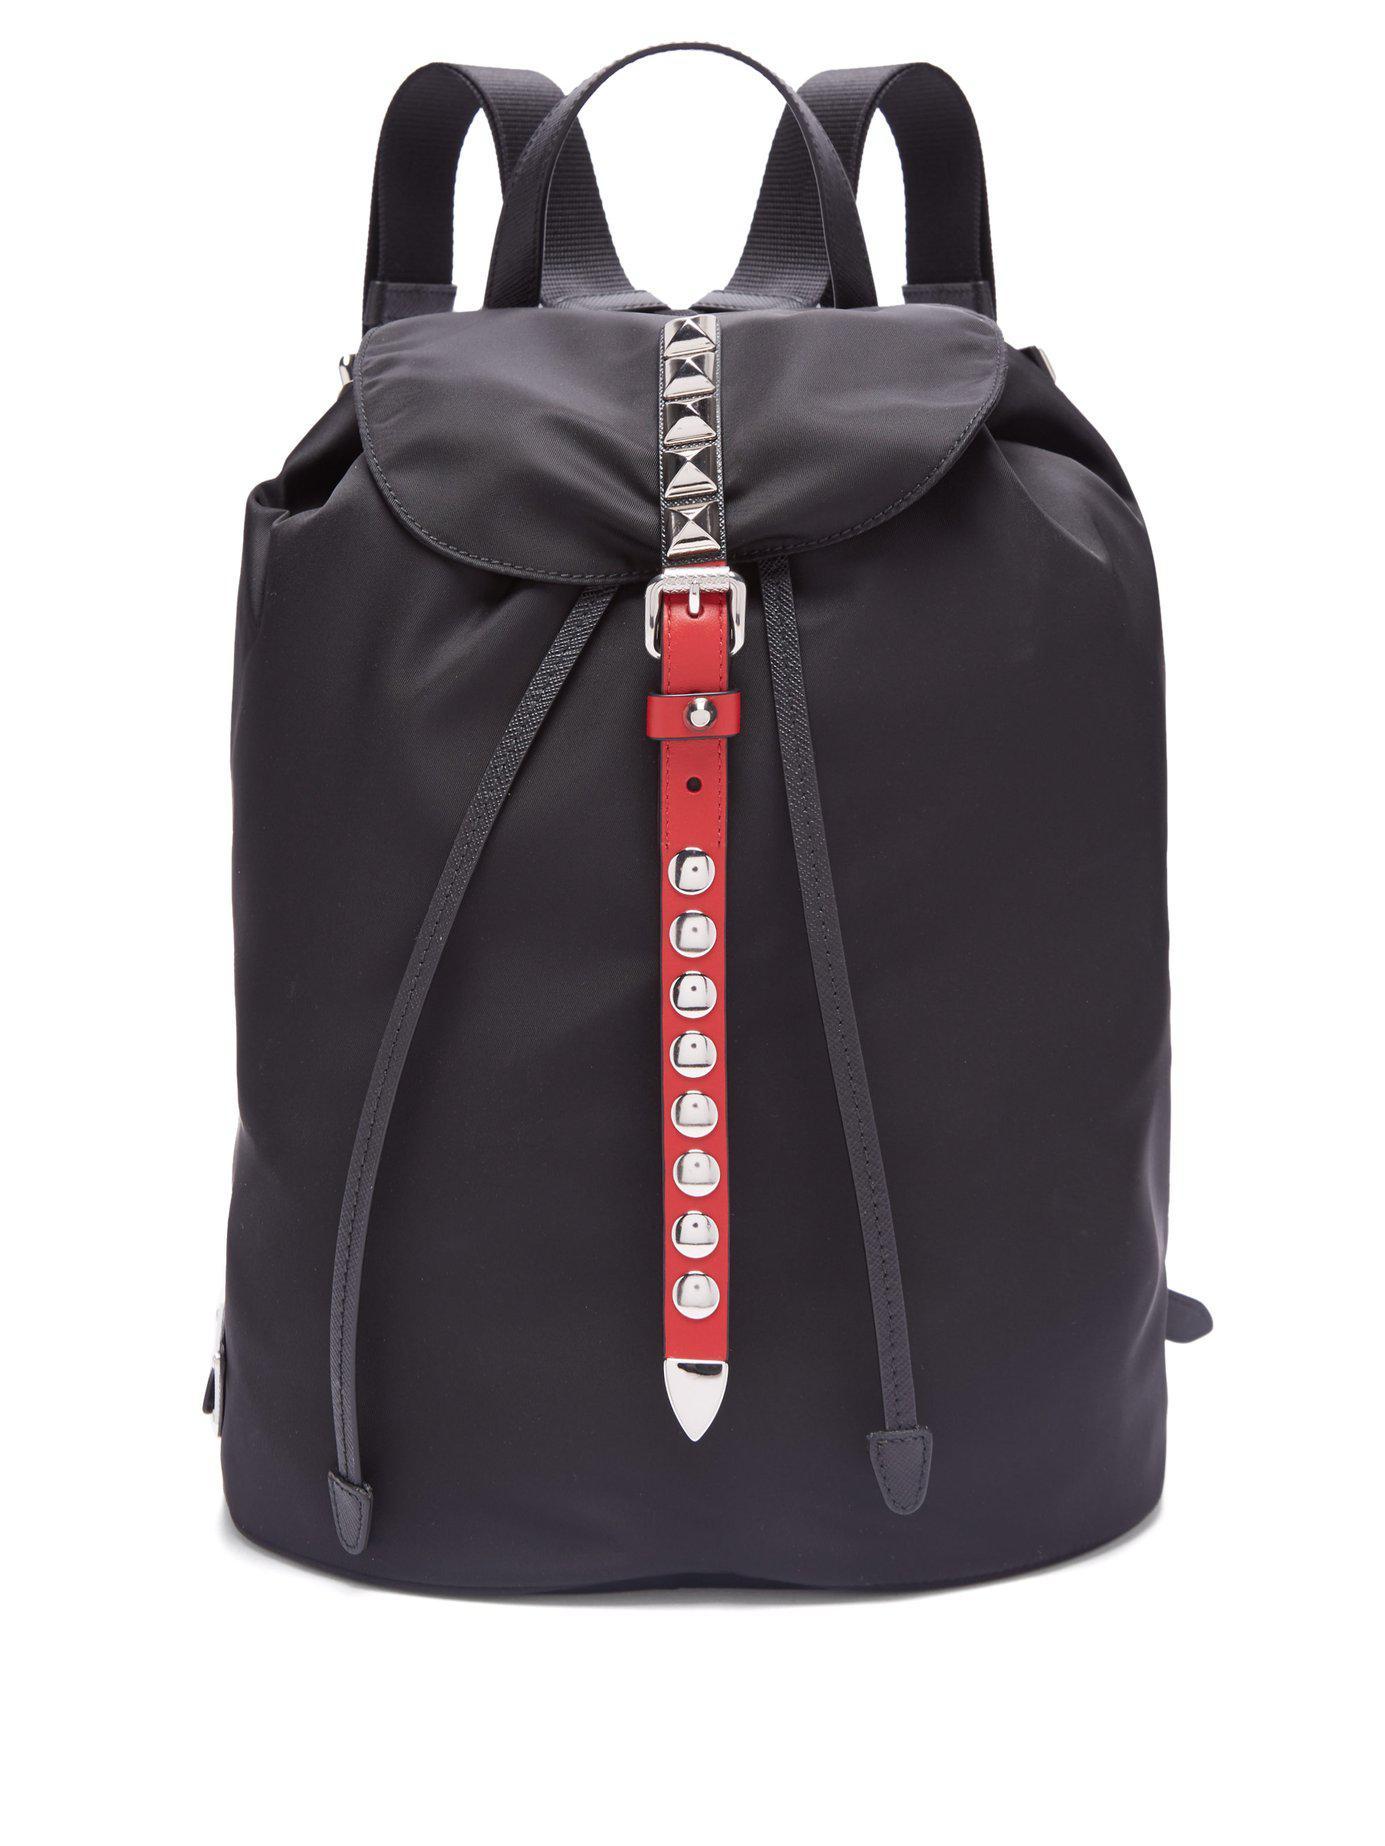 21a88c838b80f5 Prada New Vela Studded Nylon Backpack in Black - Lyst